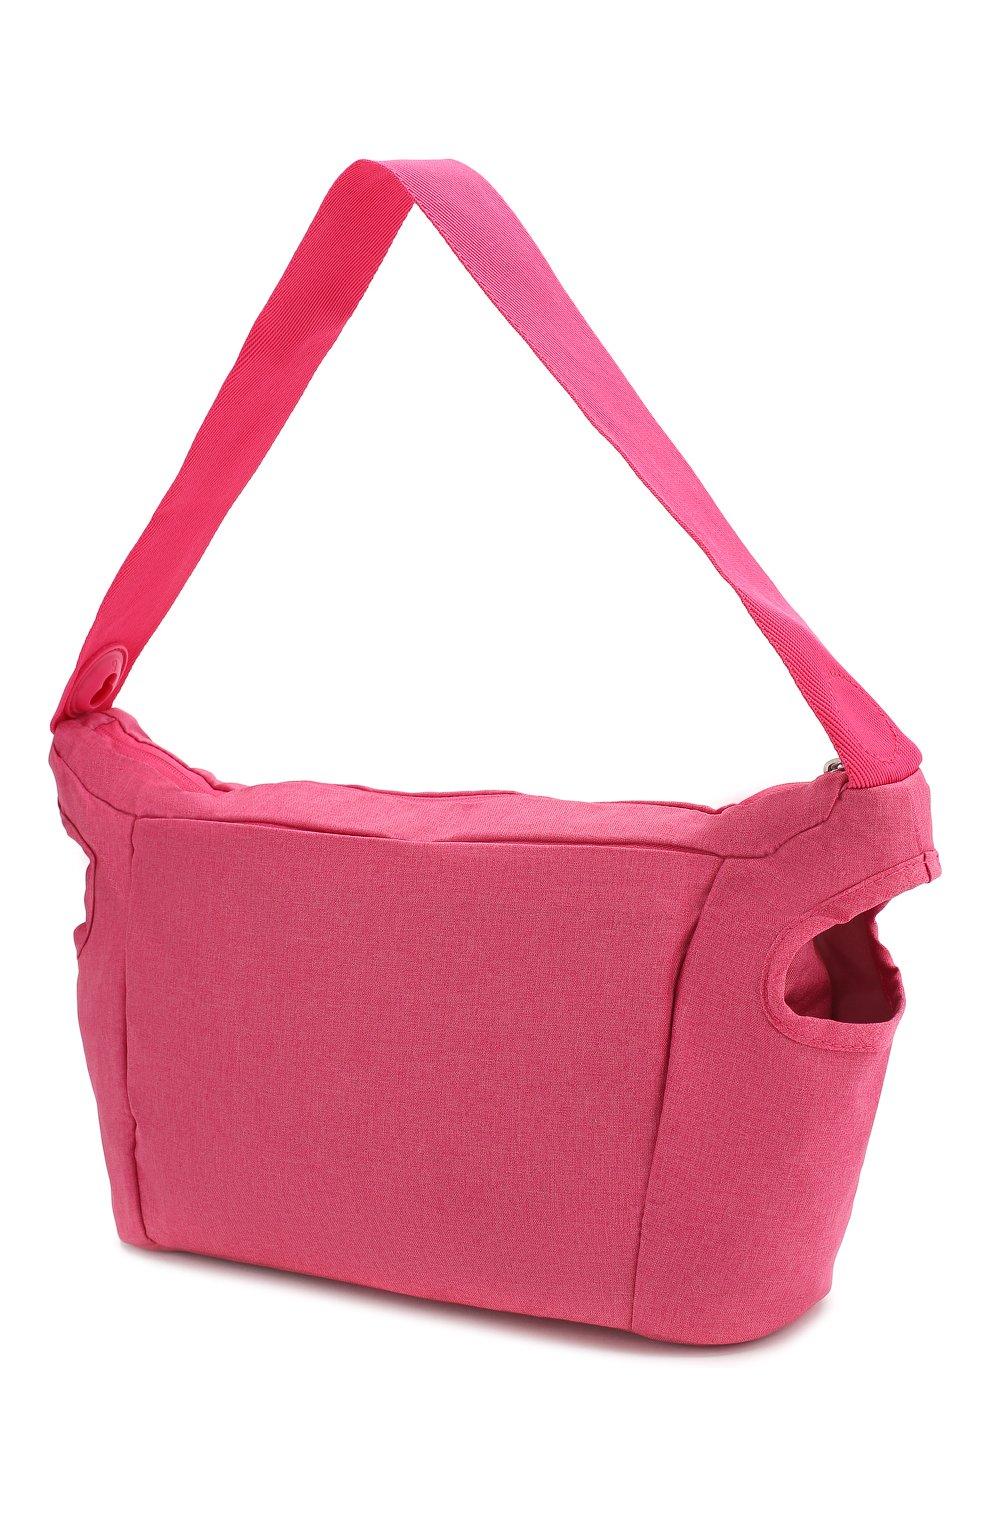 Детская сумка doona small SIMPLE PARENTING розового цвета, арт. SP105-99-004-099 | Фото 2 (Статус проверки: Проверена категория)